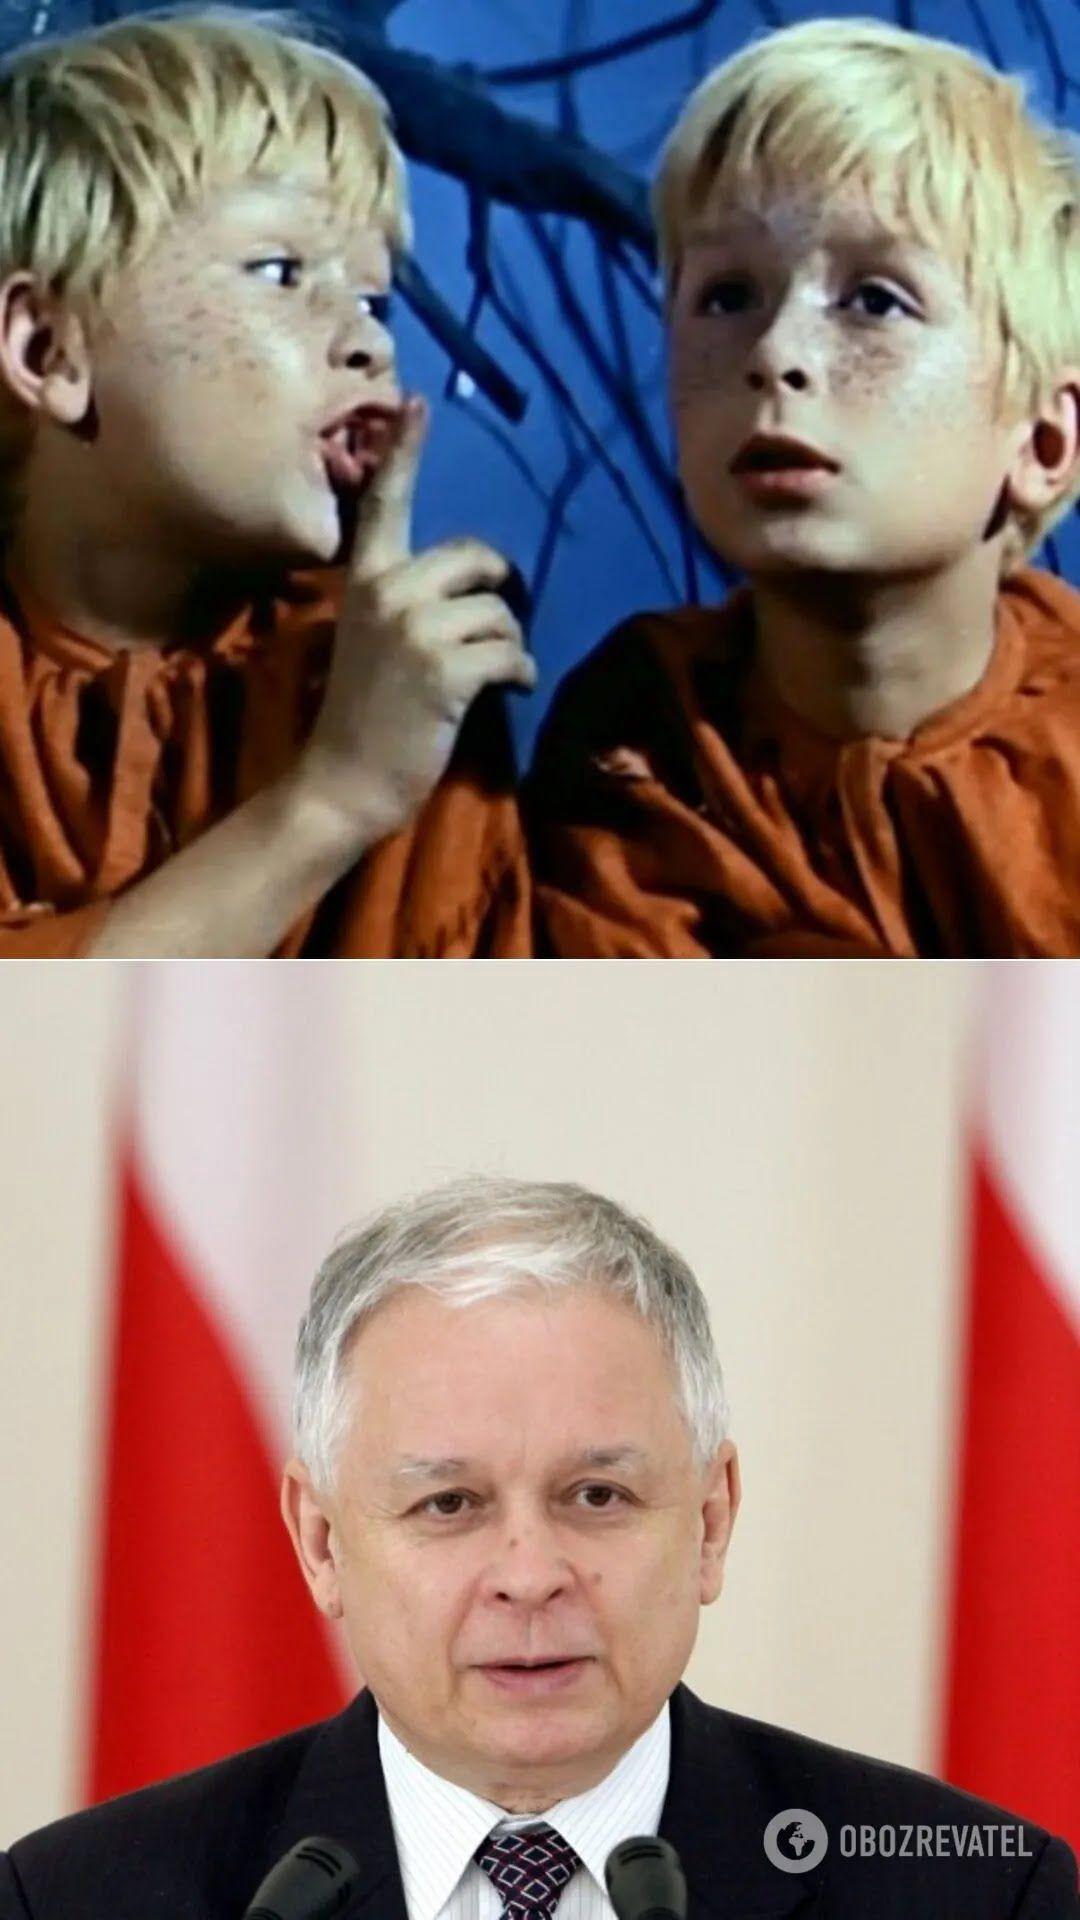 Актер одного фильма в детстве Лех Качиньский – президент Польши(2005-2010 гг.)